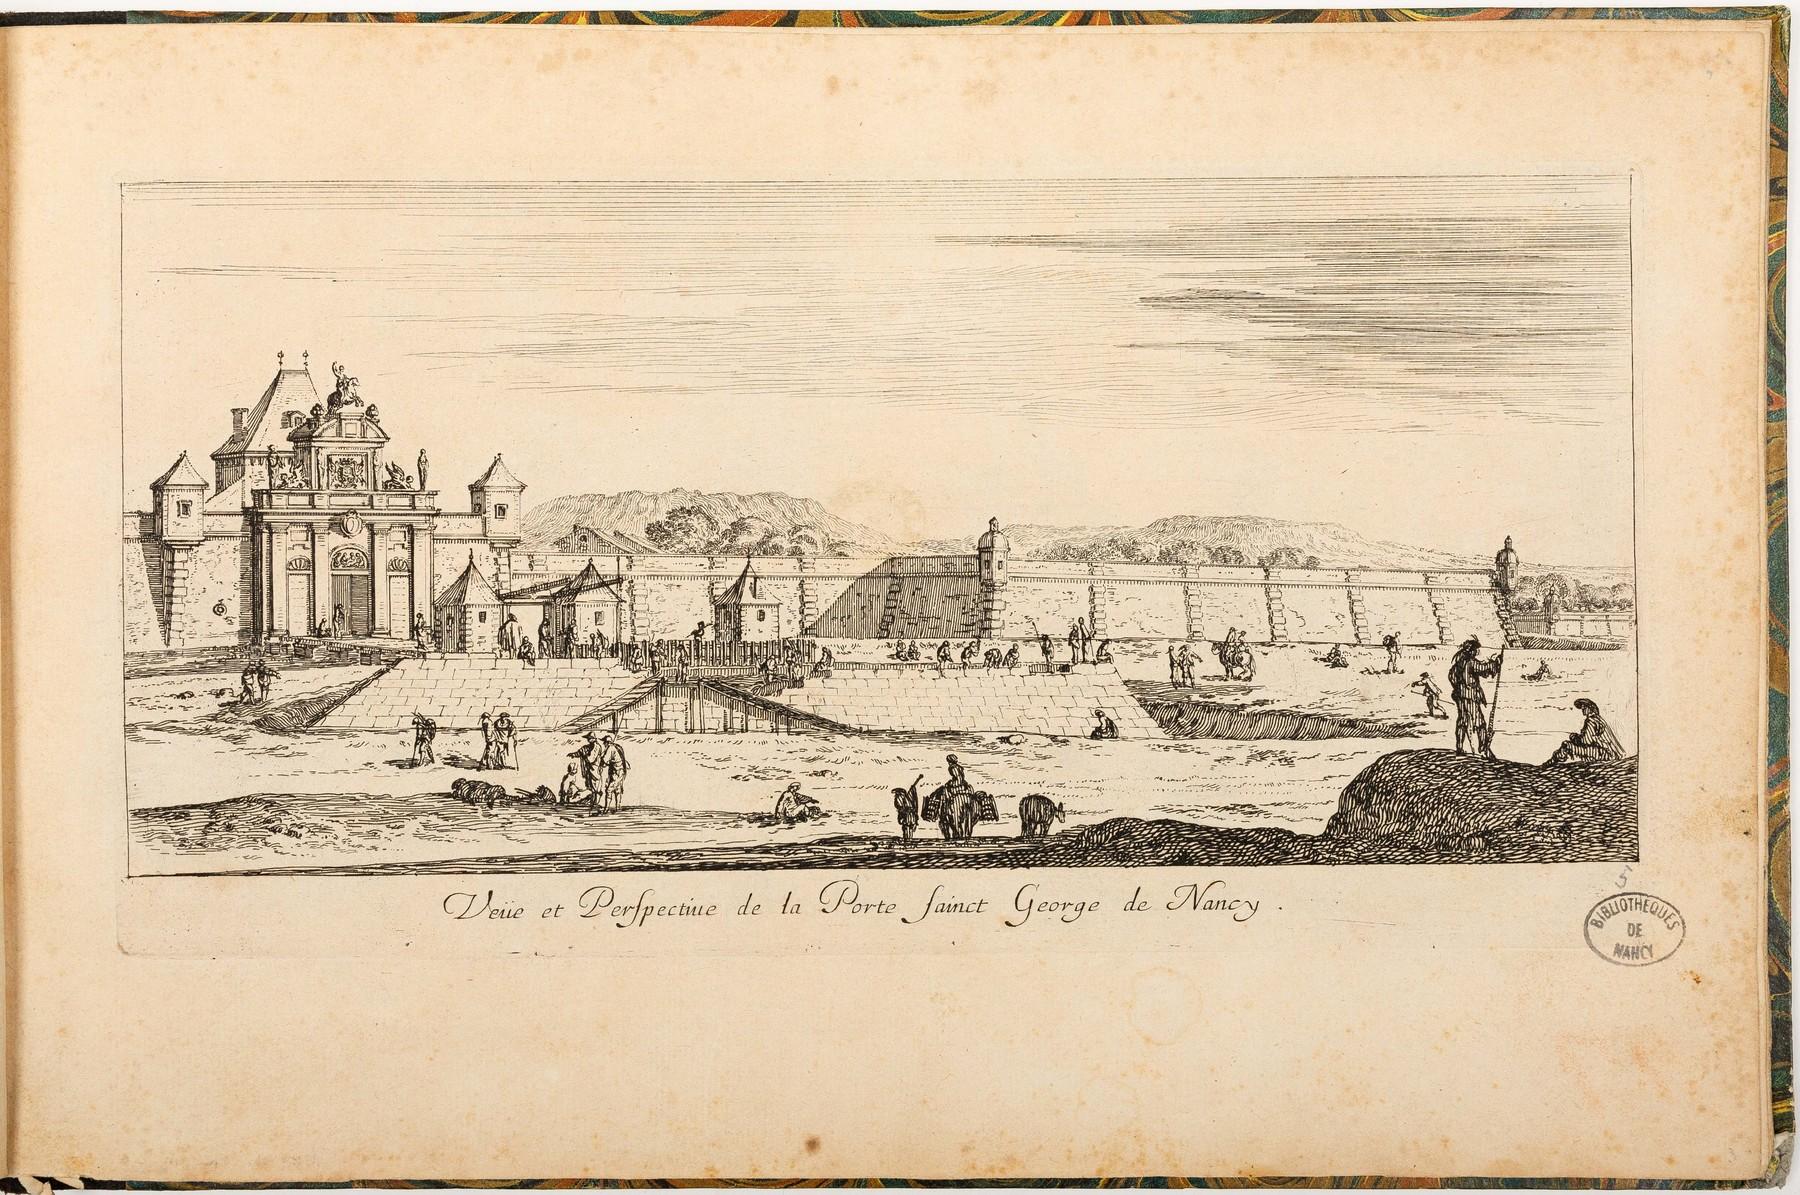 Contenu du Veüe et Perspective de la Porte Sainct George de Nancy